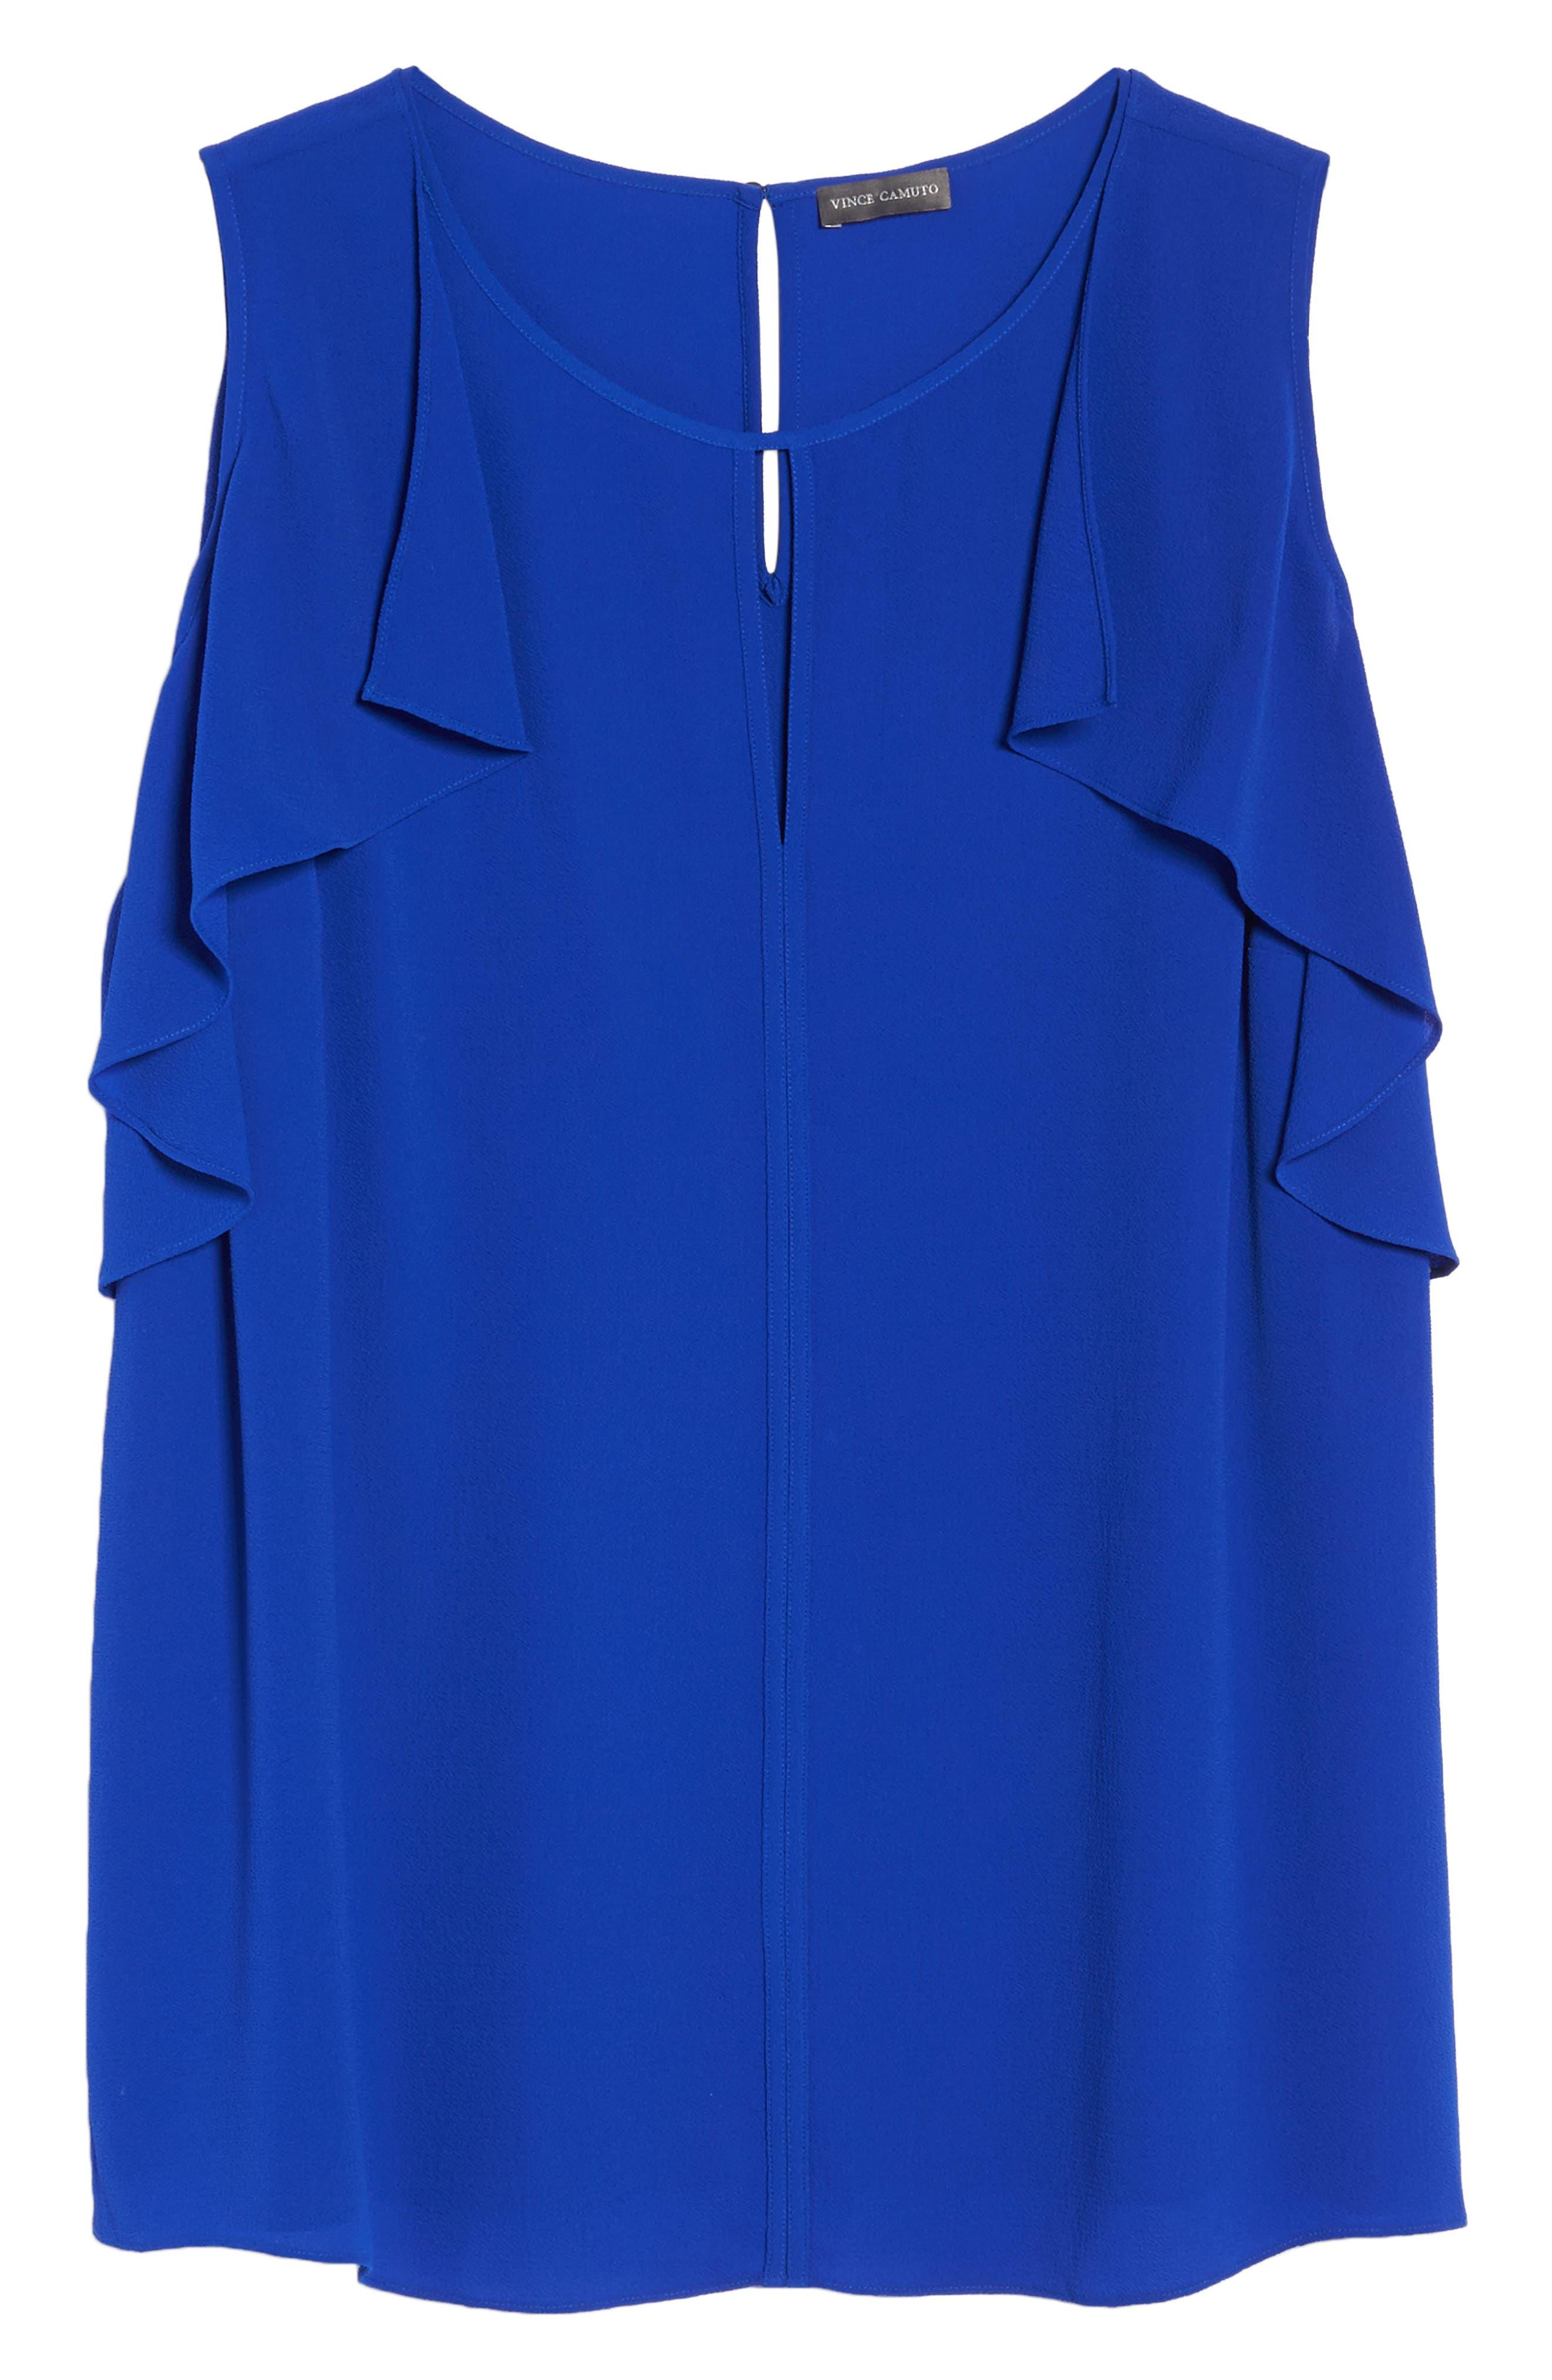 Flutter Sleeve Cold Shoulder Blouse,                             Alternate thumbnail 6, color,                             Vivid Blue